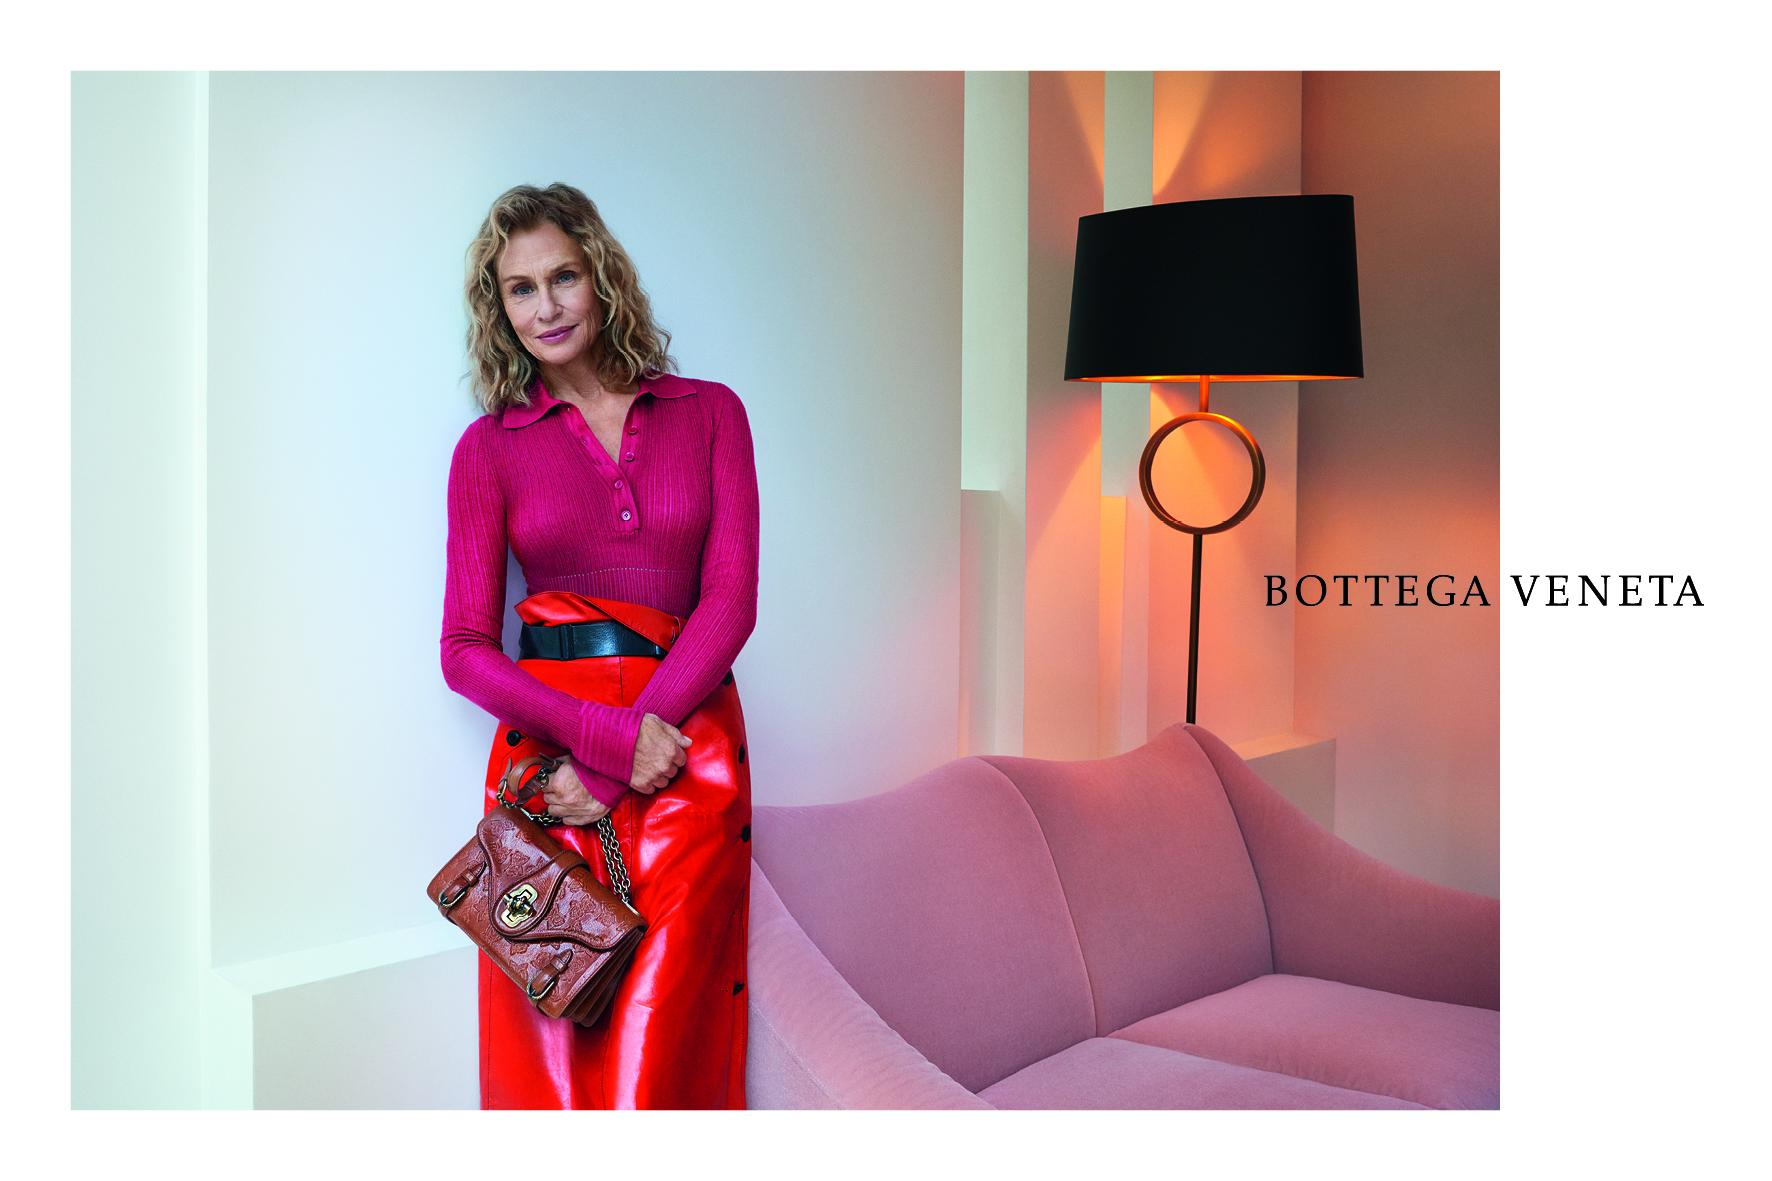 Lauren Hutton for Bottega Veneta, Spring '17